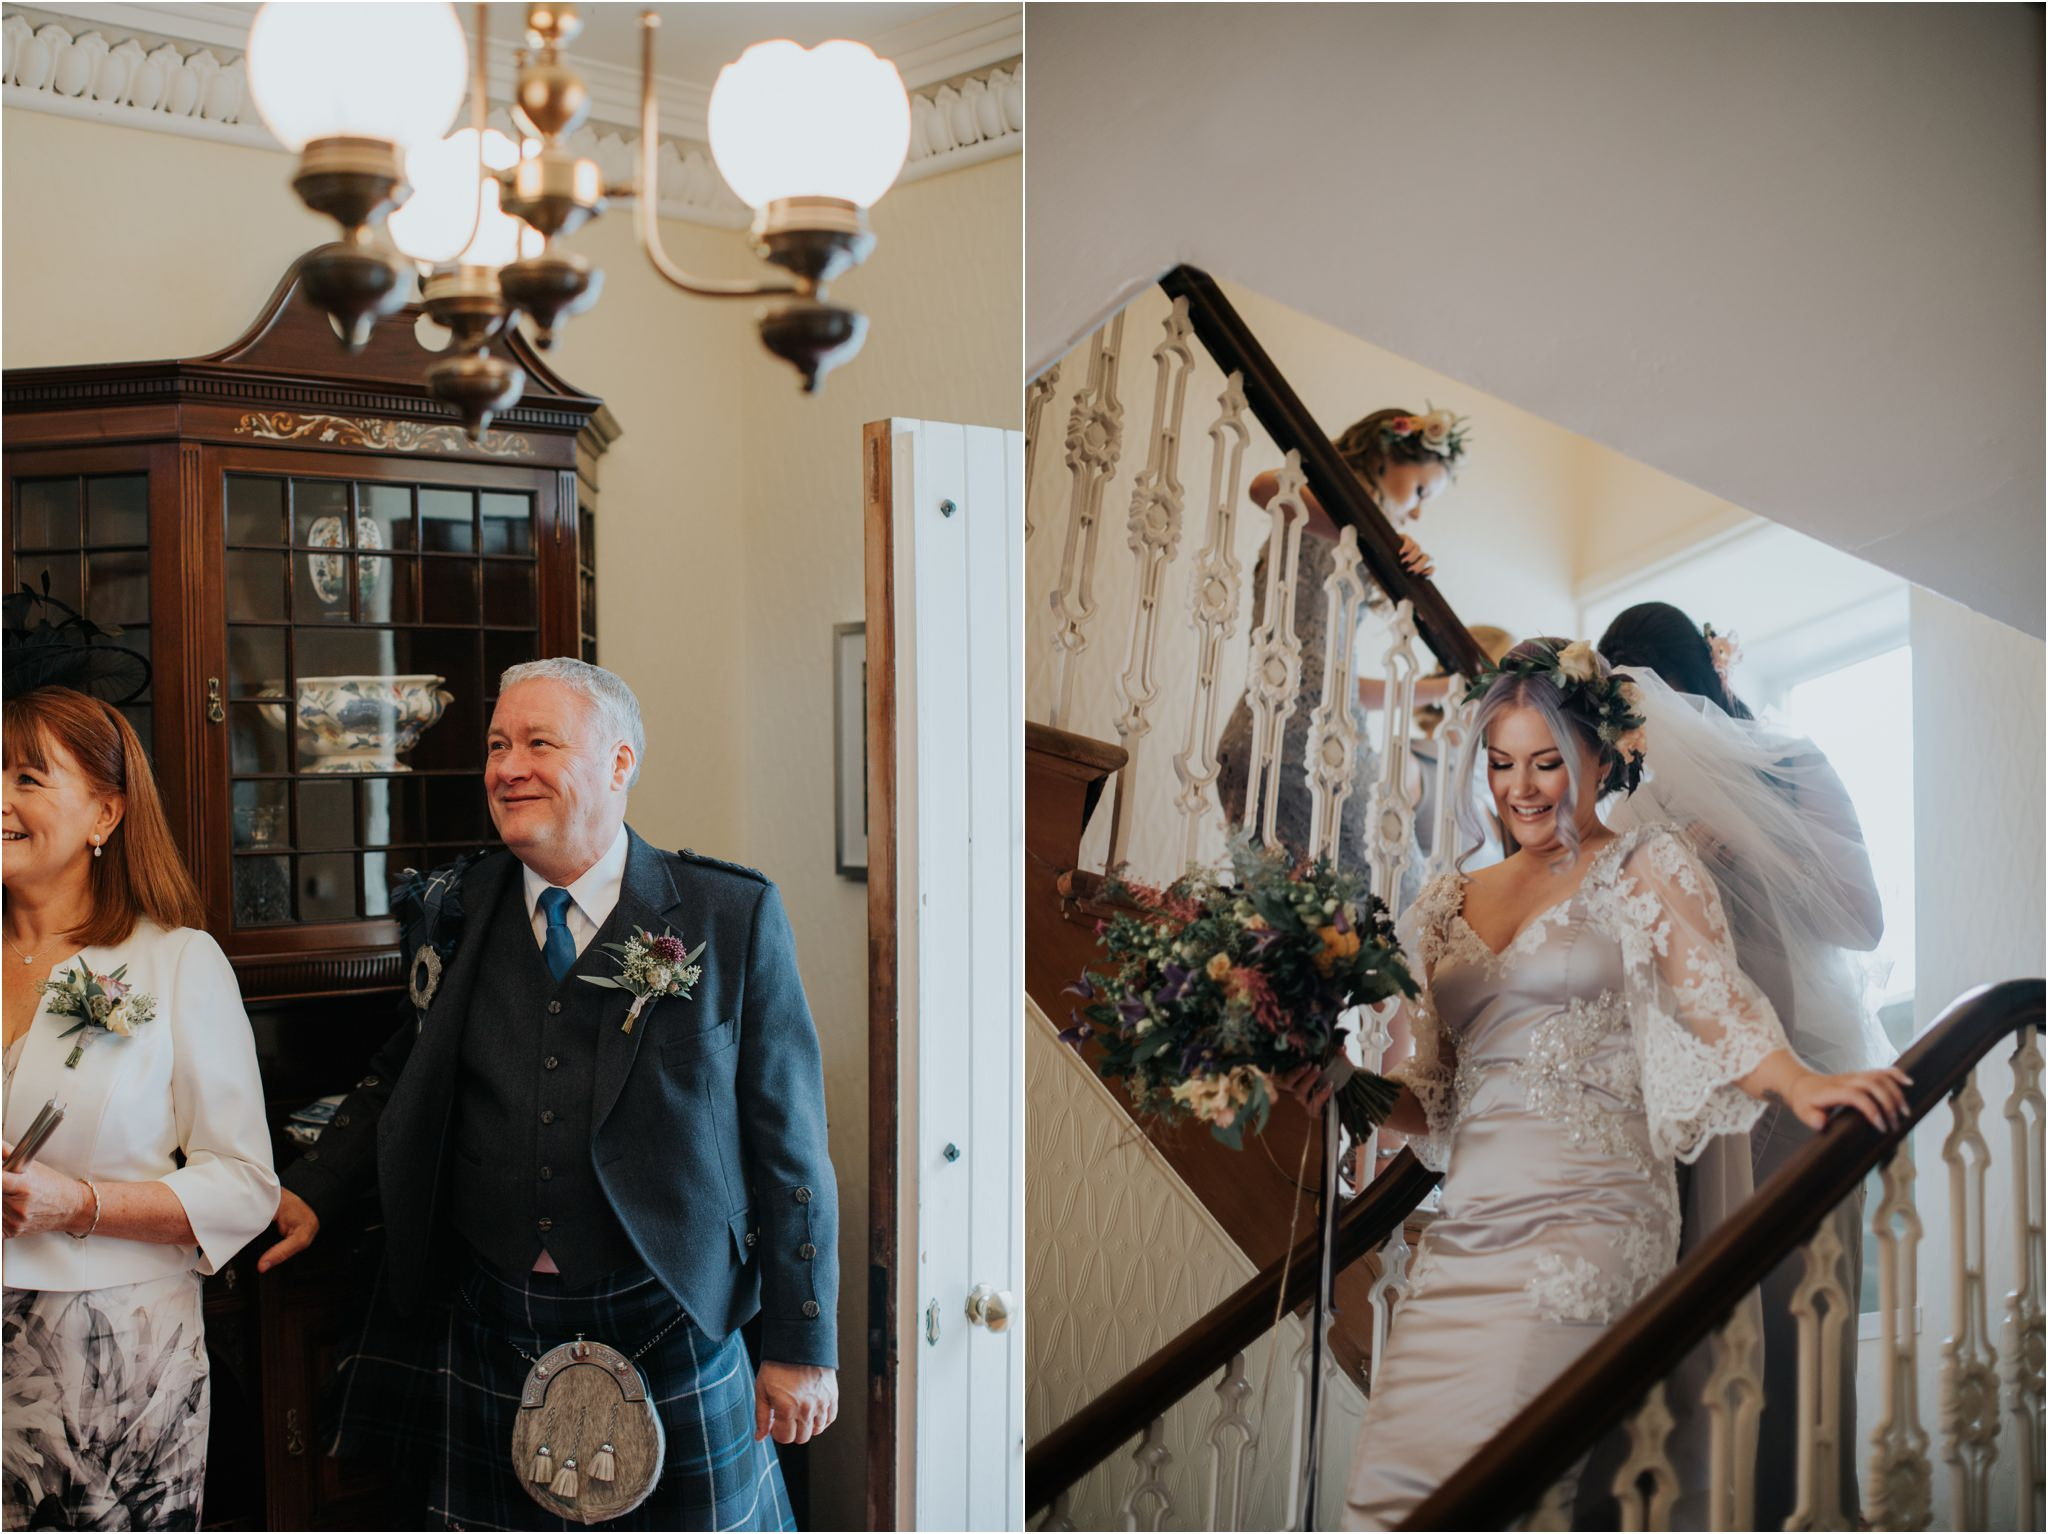 Photography 78 - Glasgow Wedding Photographer - Pete & Eilidh - Dalduff Farm_0030.jpg